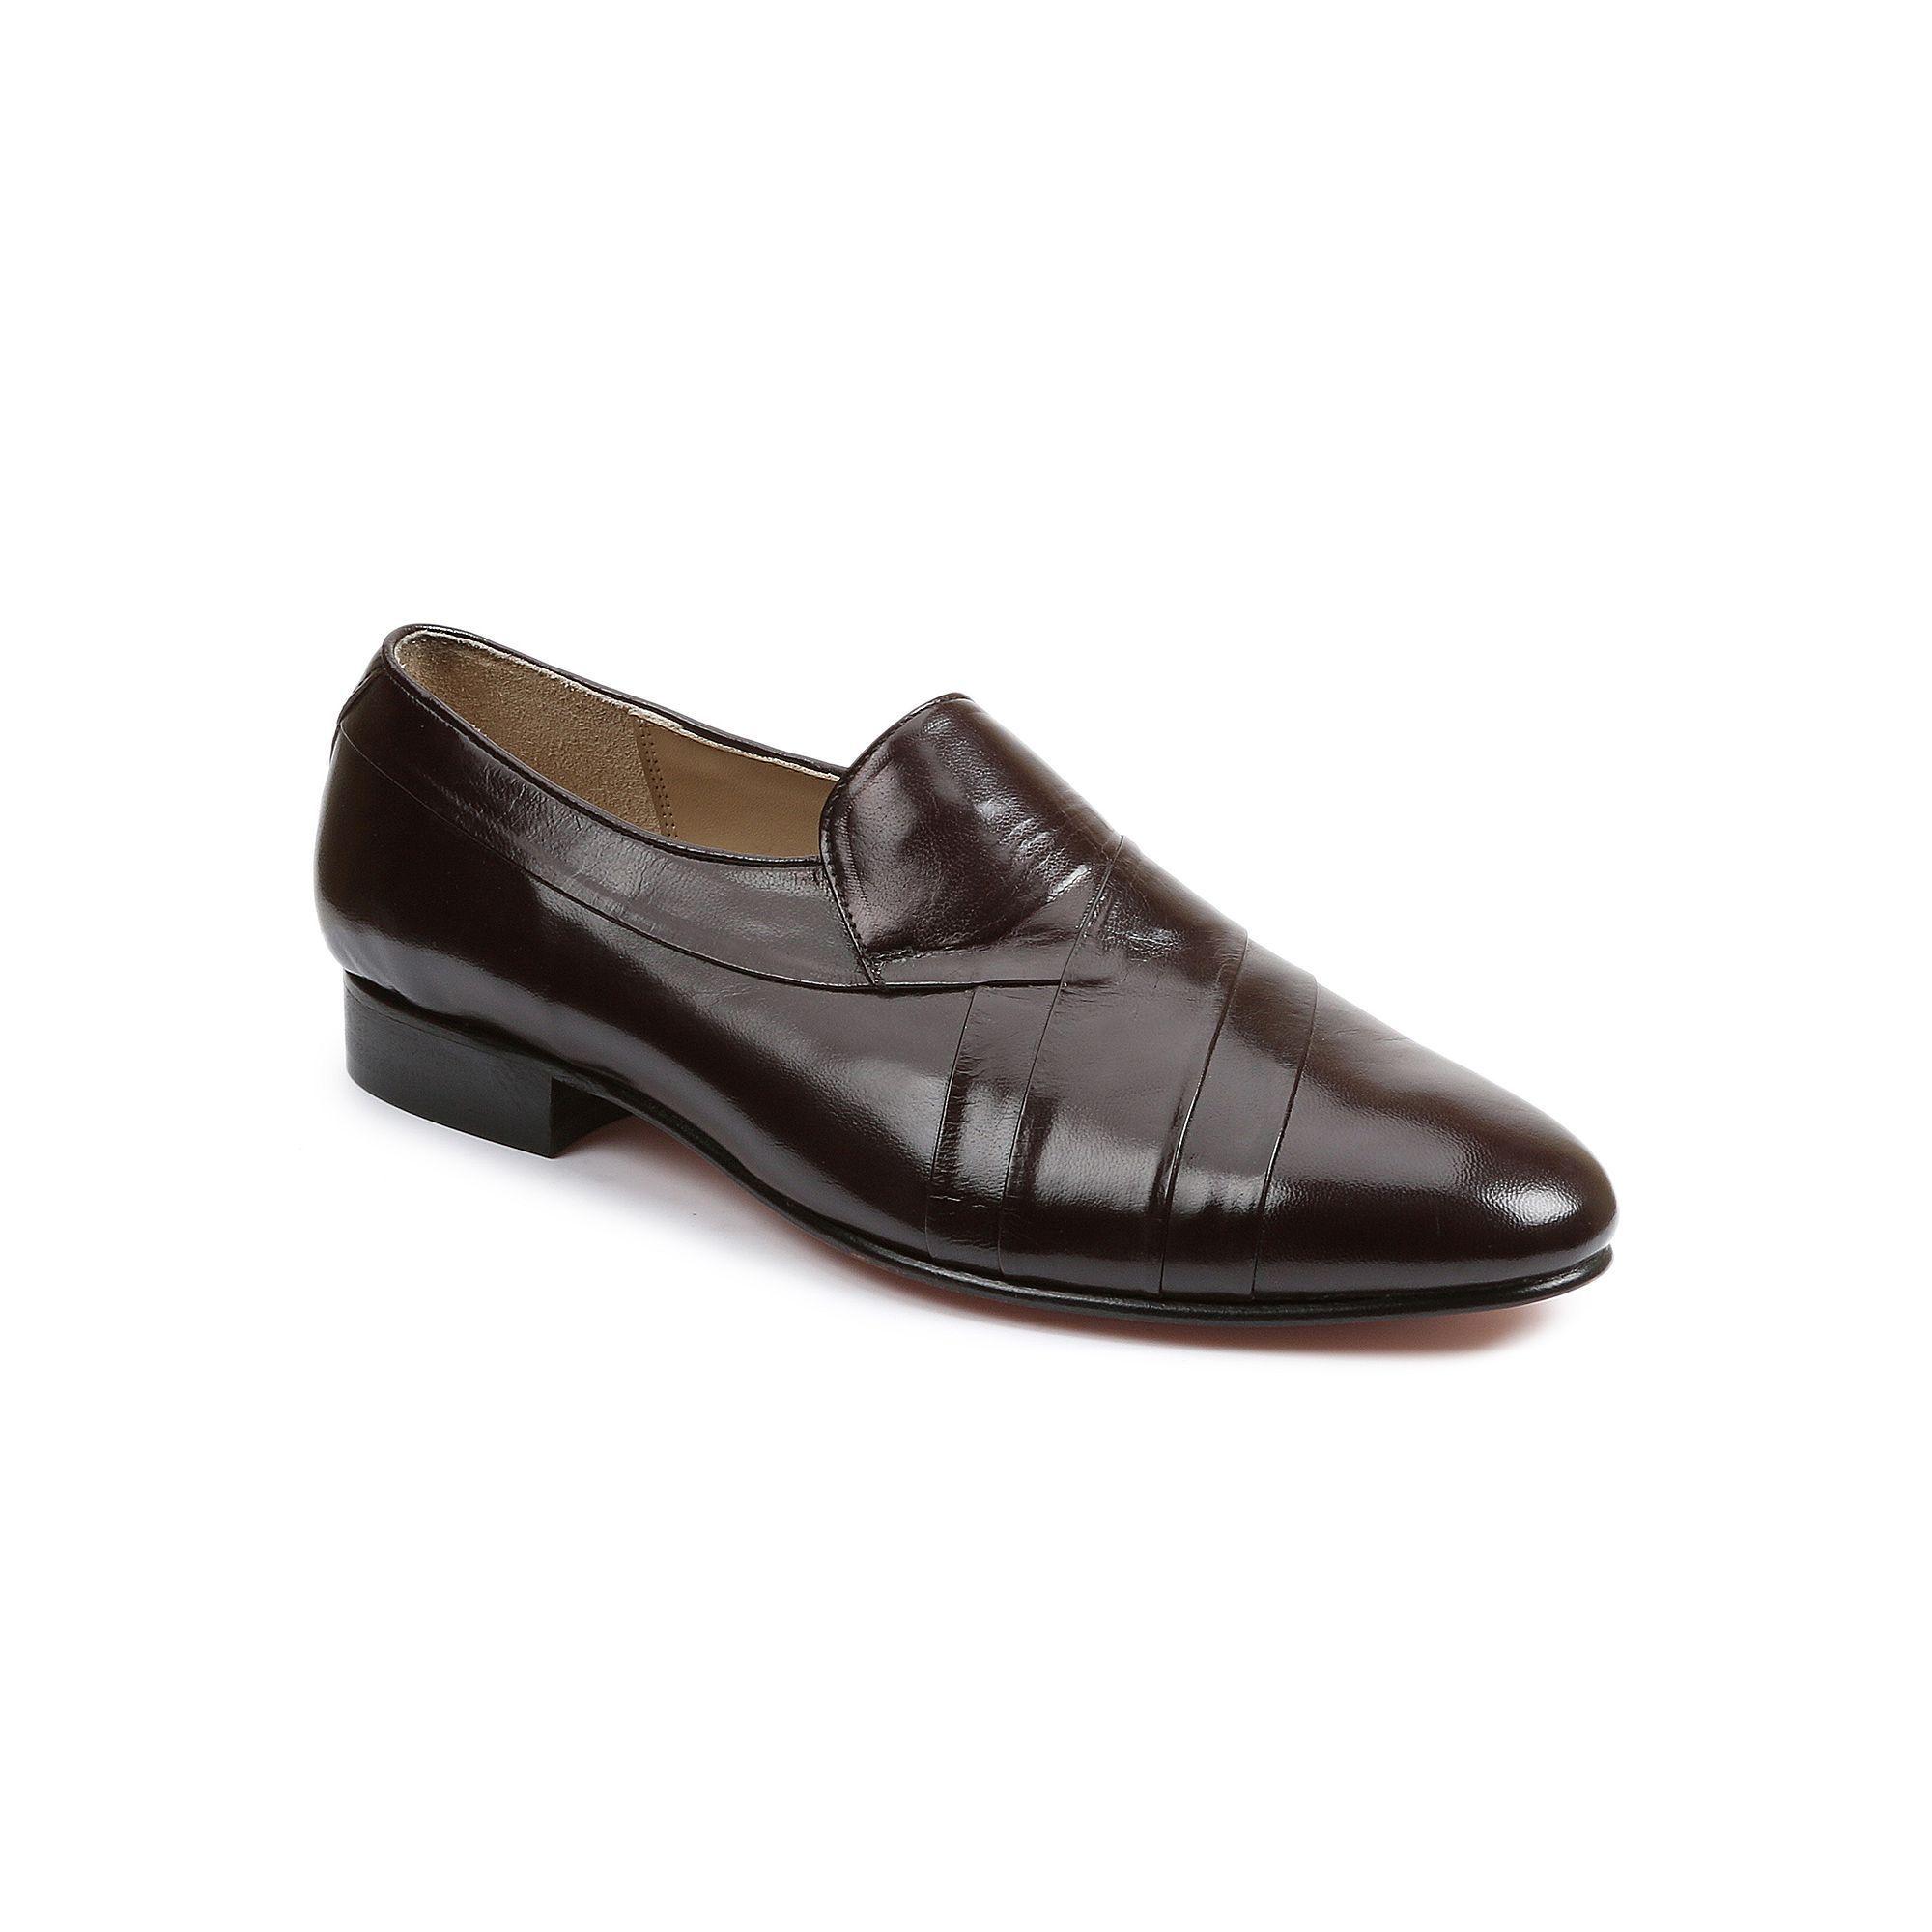 Giorgio Brutini Mens Pleated Leather Dress Shoes